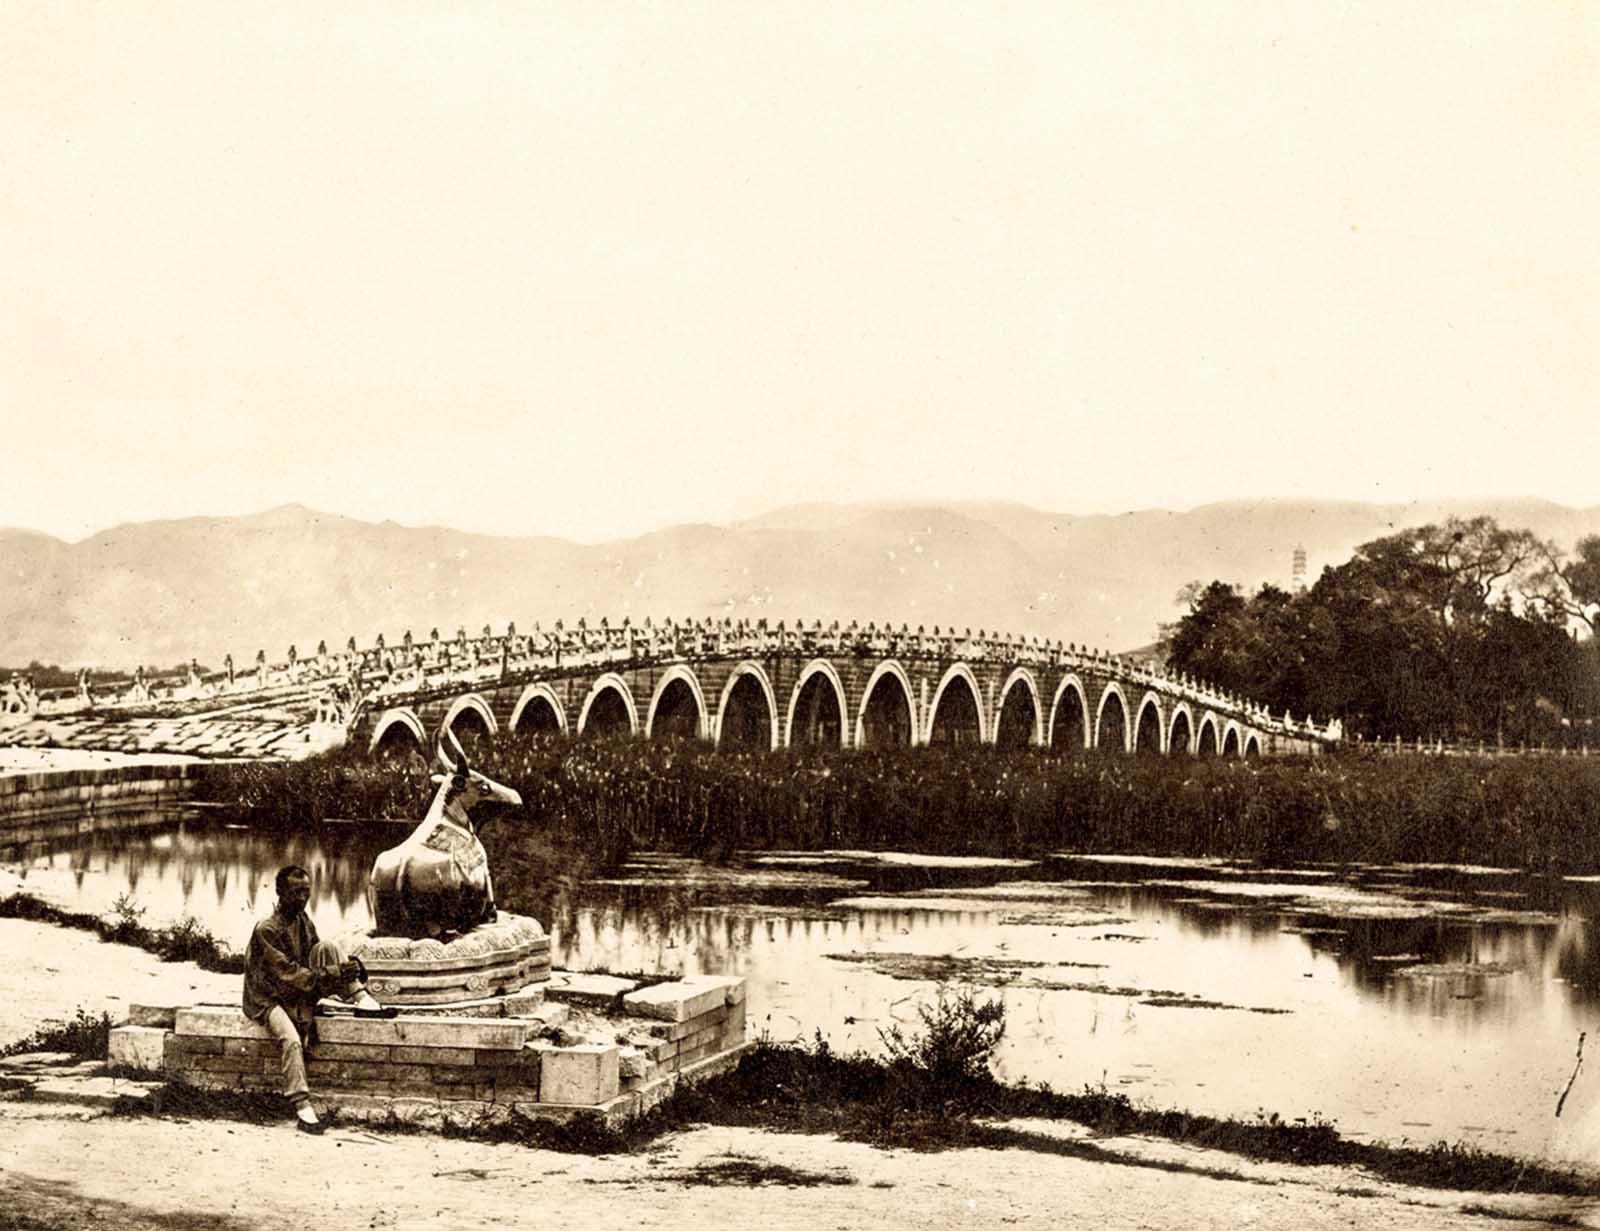 Ảnh hiếm về triều đại cuối cùng của Trung Quốc thế kỷ 19 do người Anh chụp lại